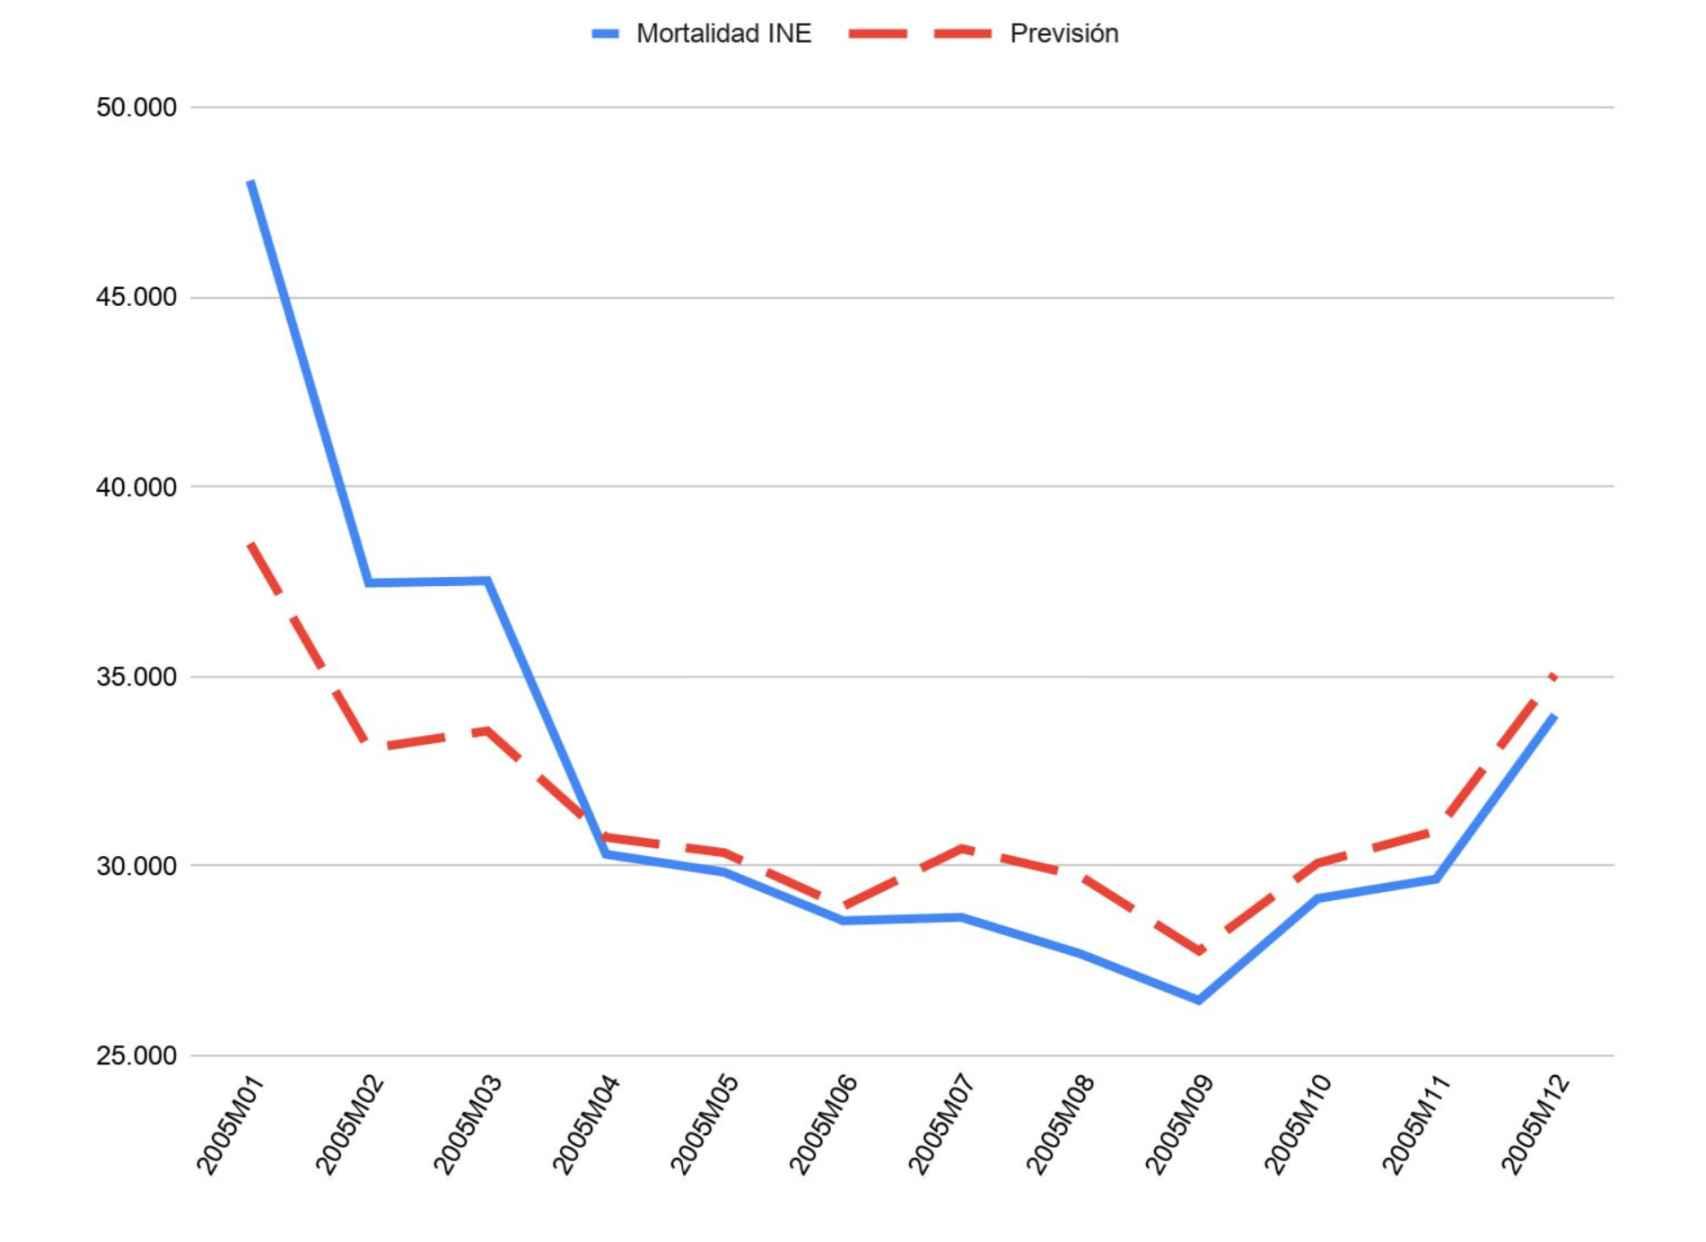 Episodio de gripe común en 2005. Comparación de mortalidad INE y previsión Inverence.